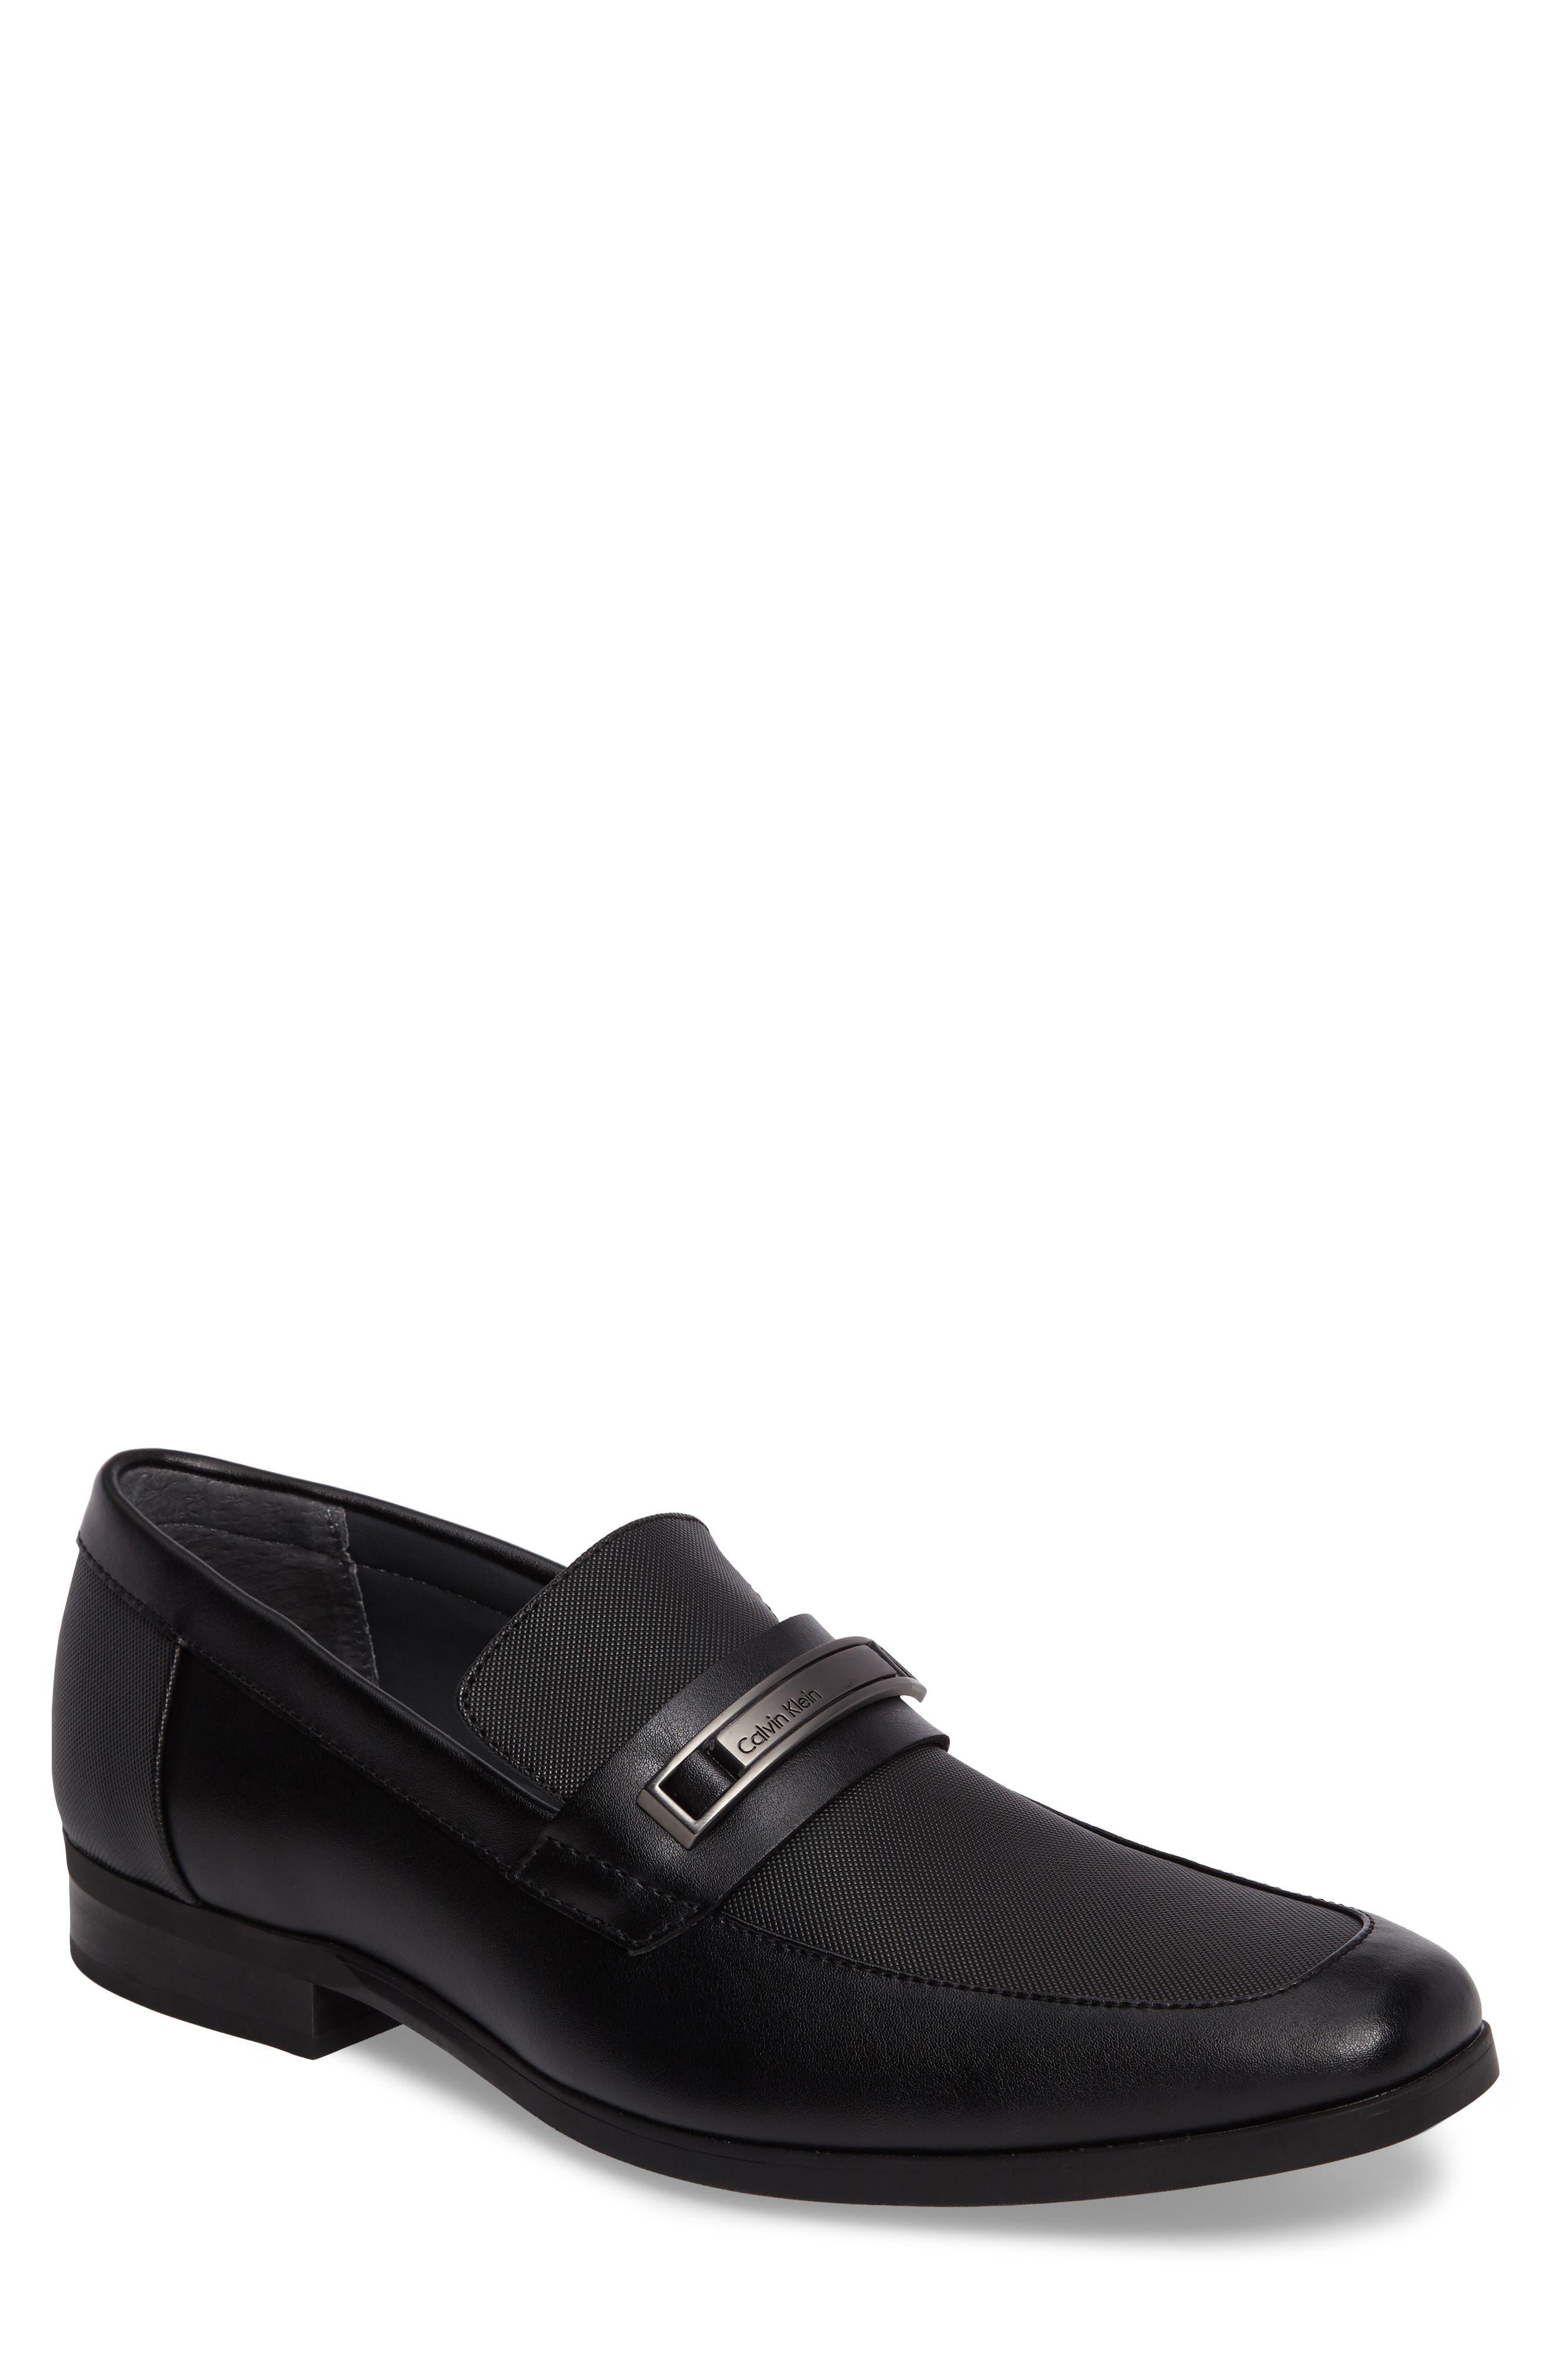 Jameson Emossed Loafer,                         Main,                         color, BLACK LEATHER